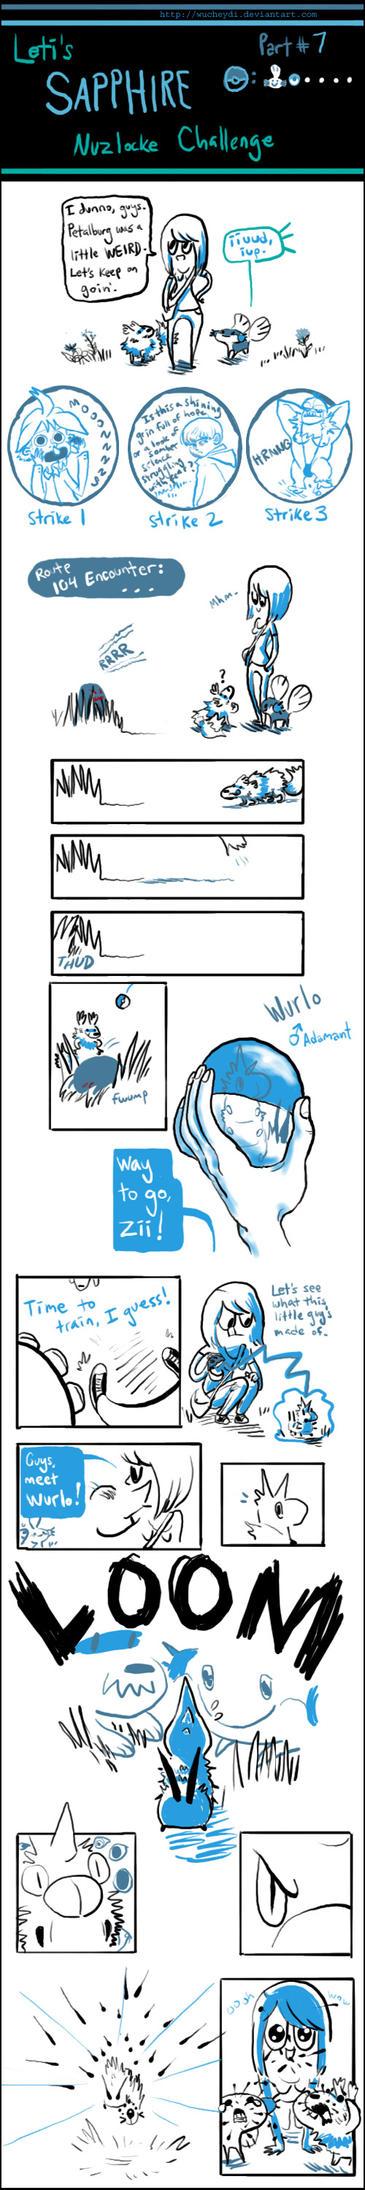 Sapphire: Part 7 by wucheydi